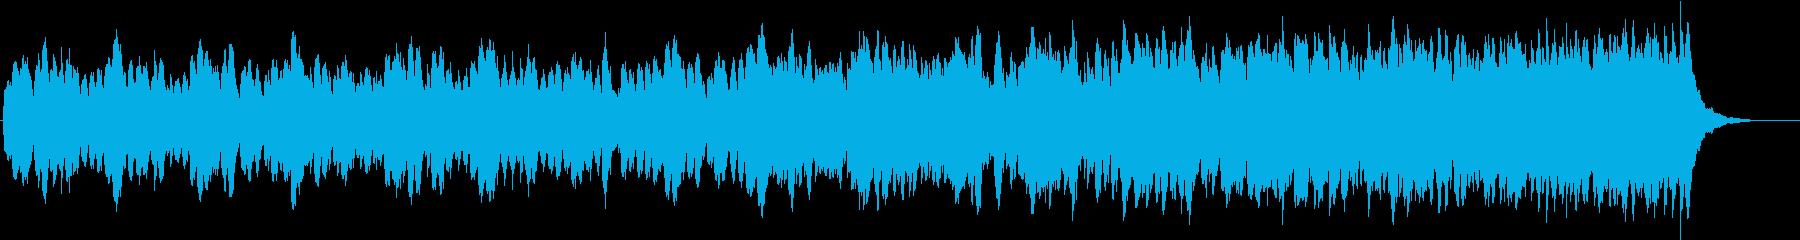 明るく広がりのあるピアノ 映像、CM等の再生済みの波形